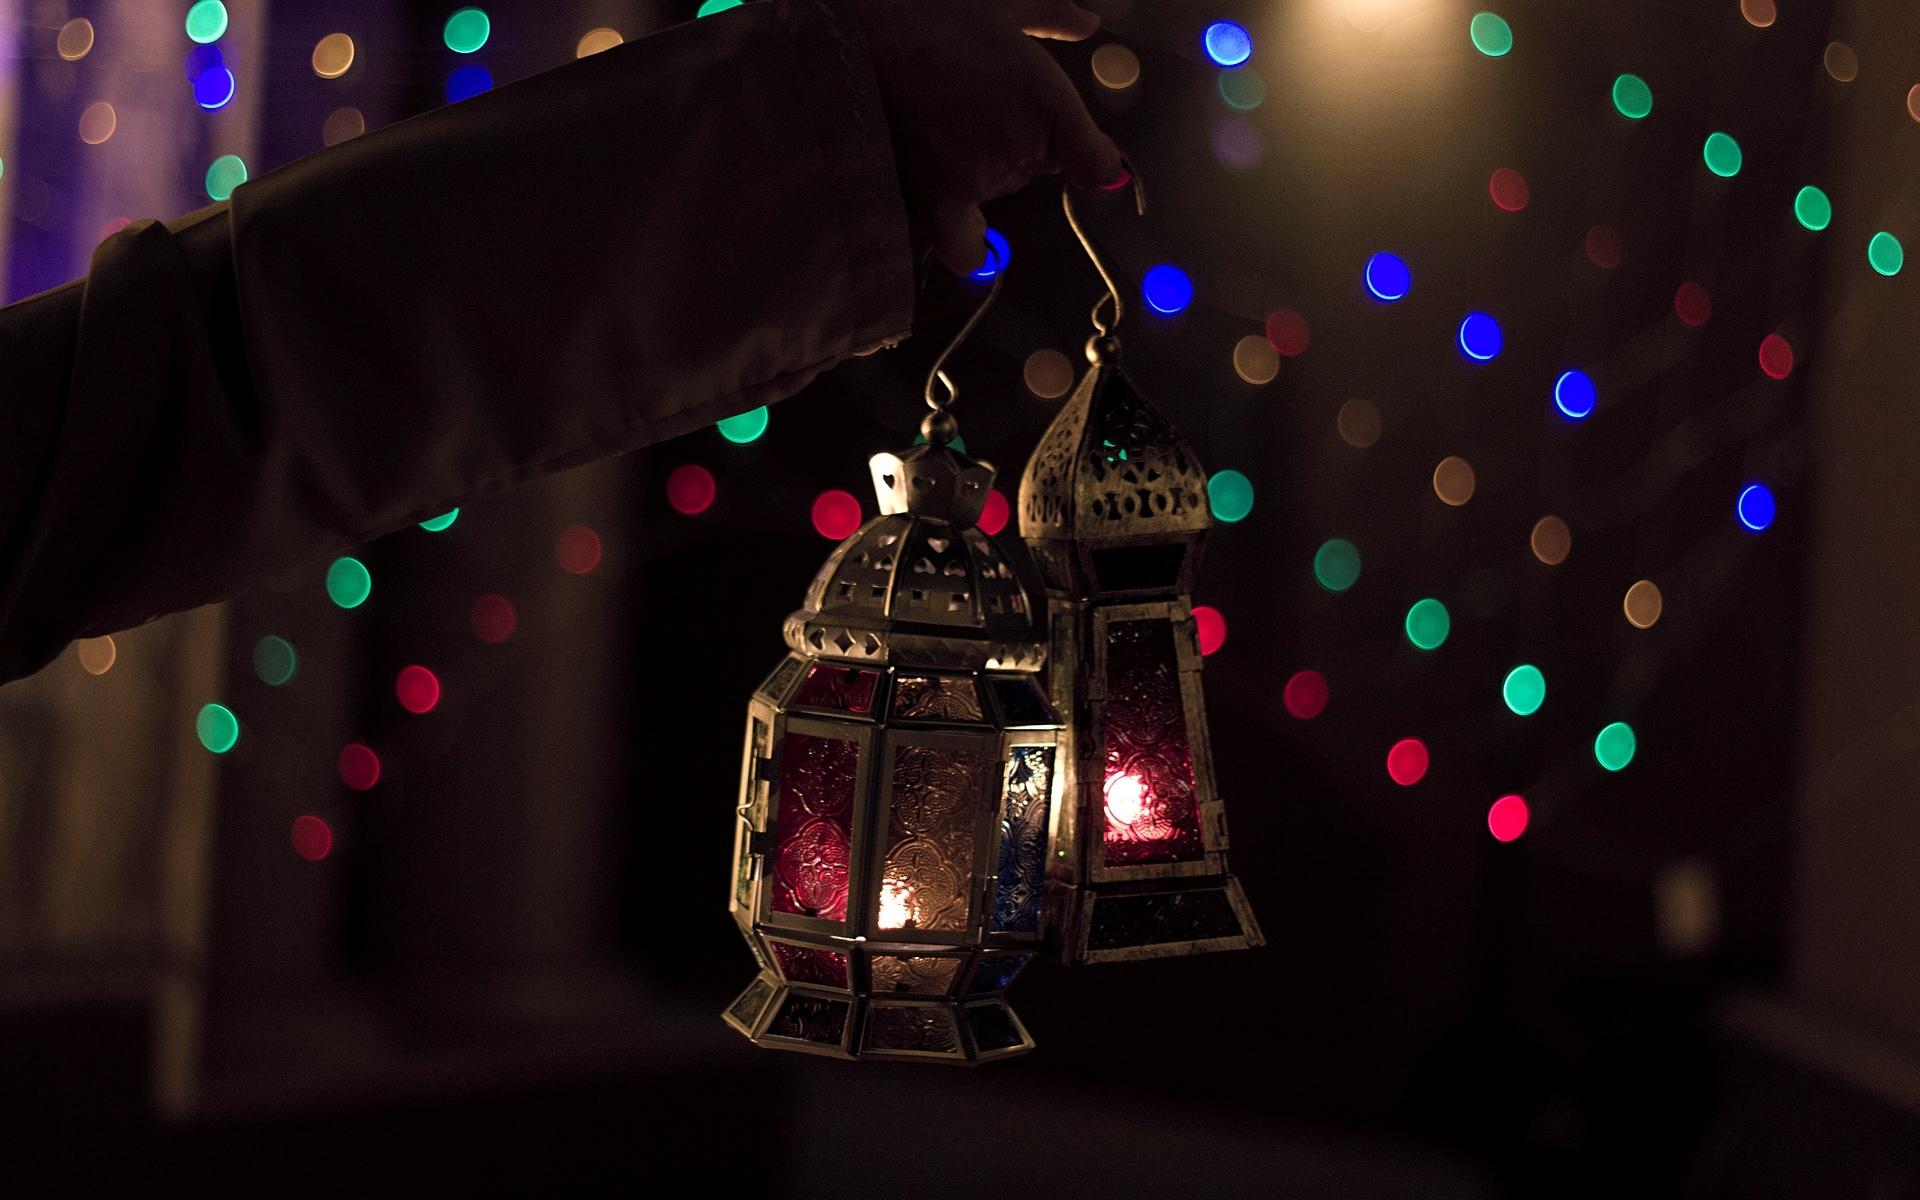 фотография в свете фонарика лазерное омоложение